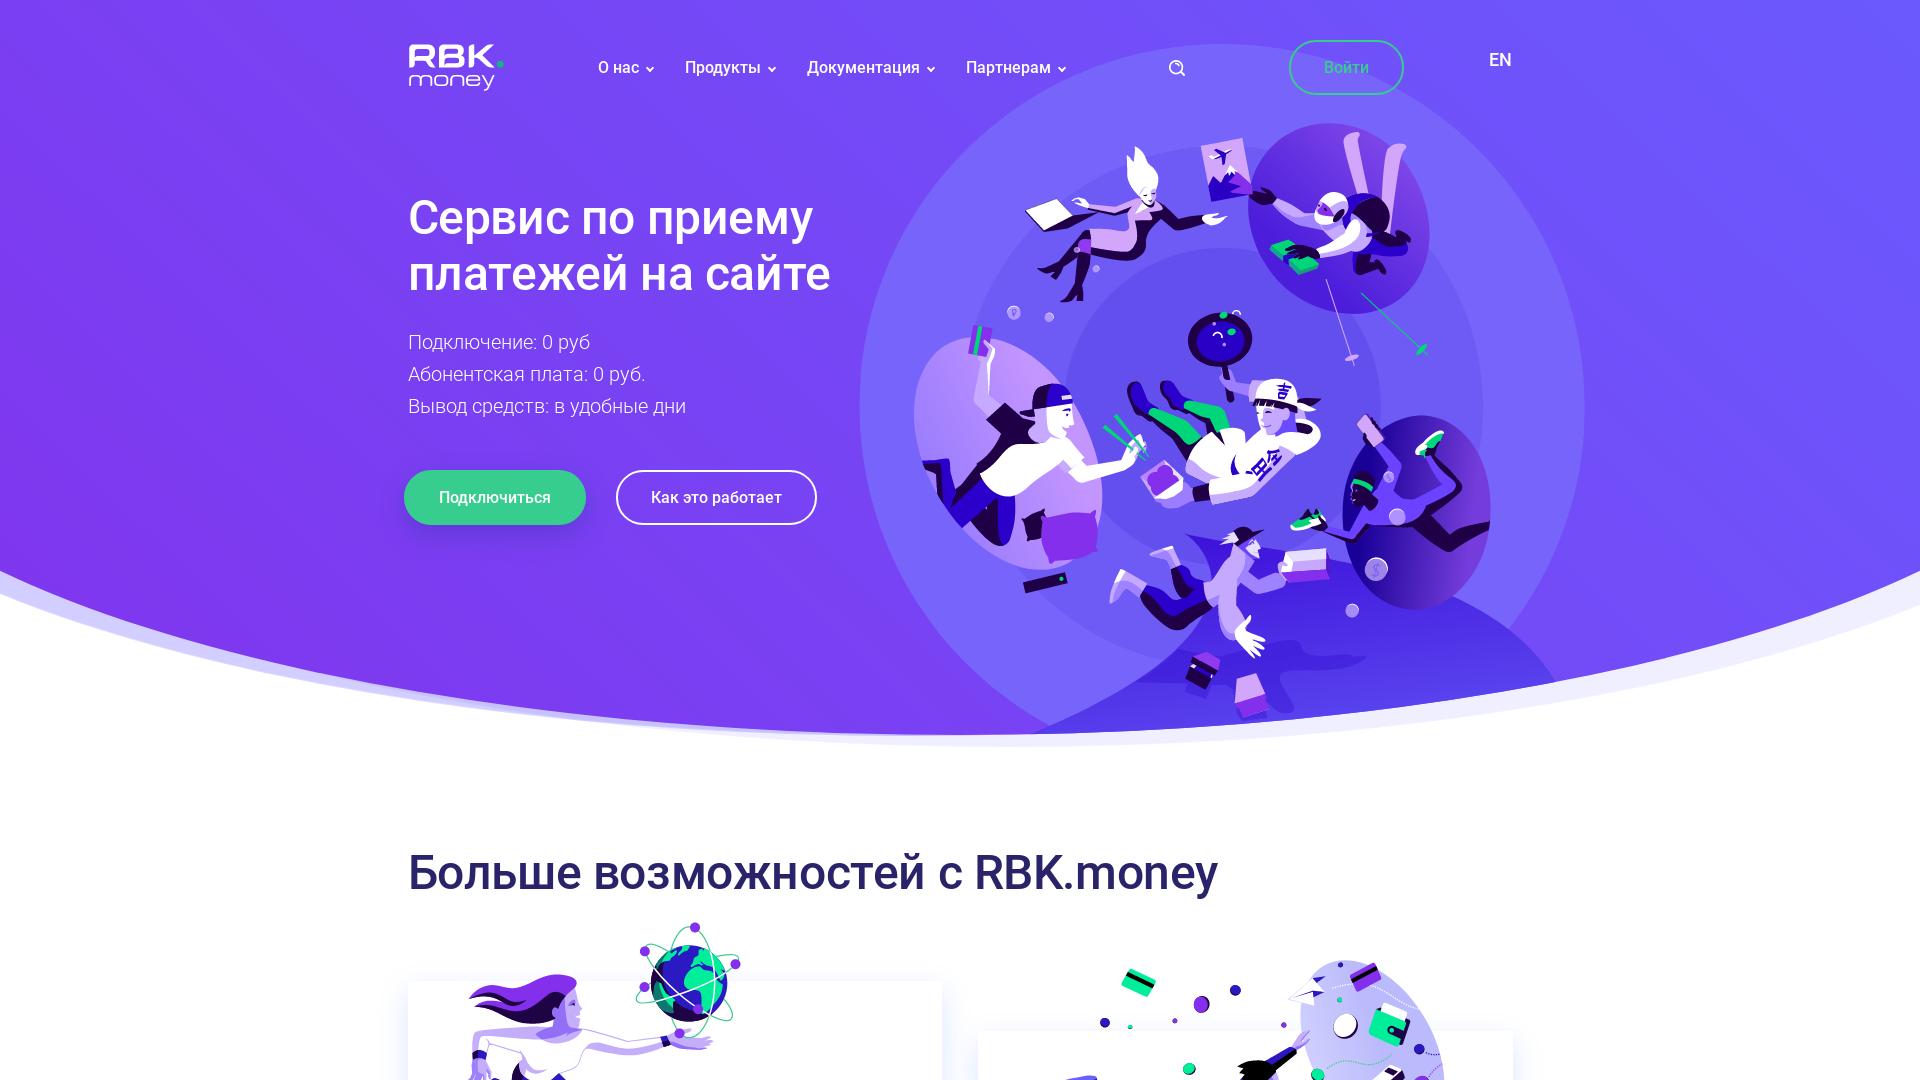 rbk.money (CPL) website